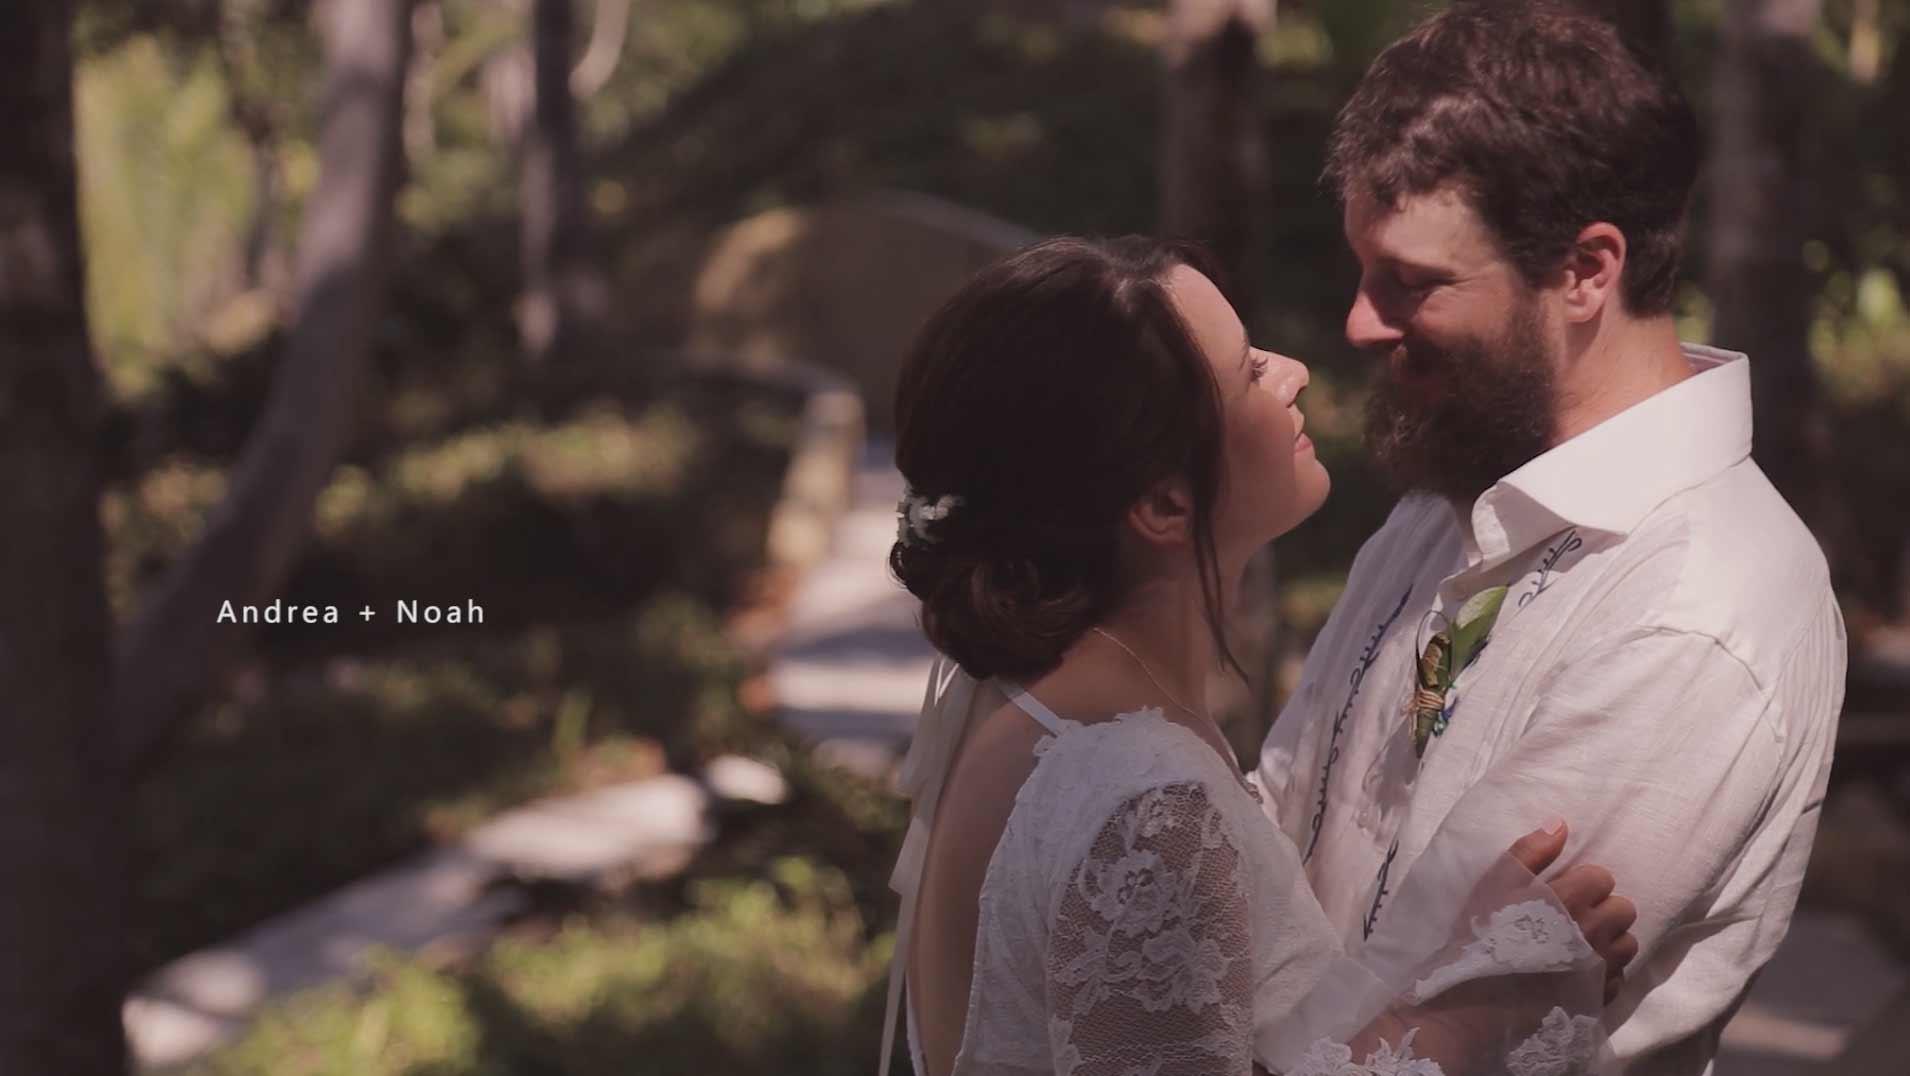 Andrea + Noah